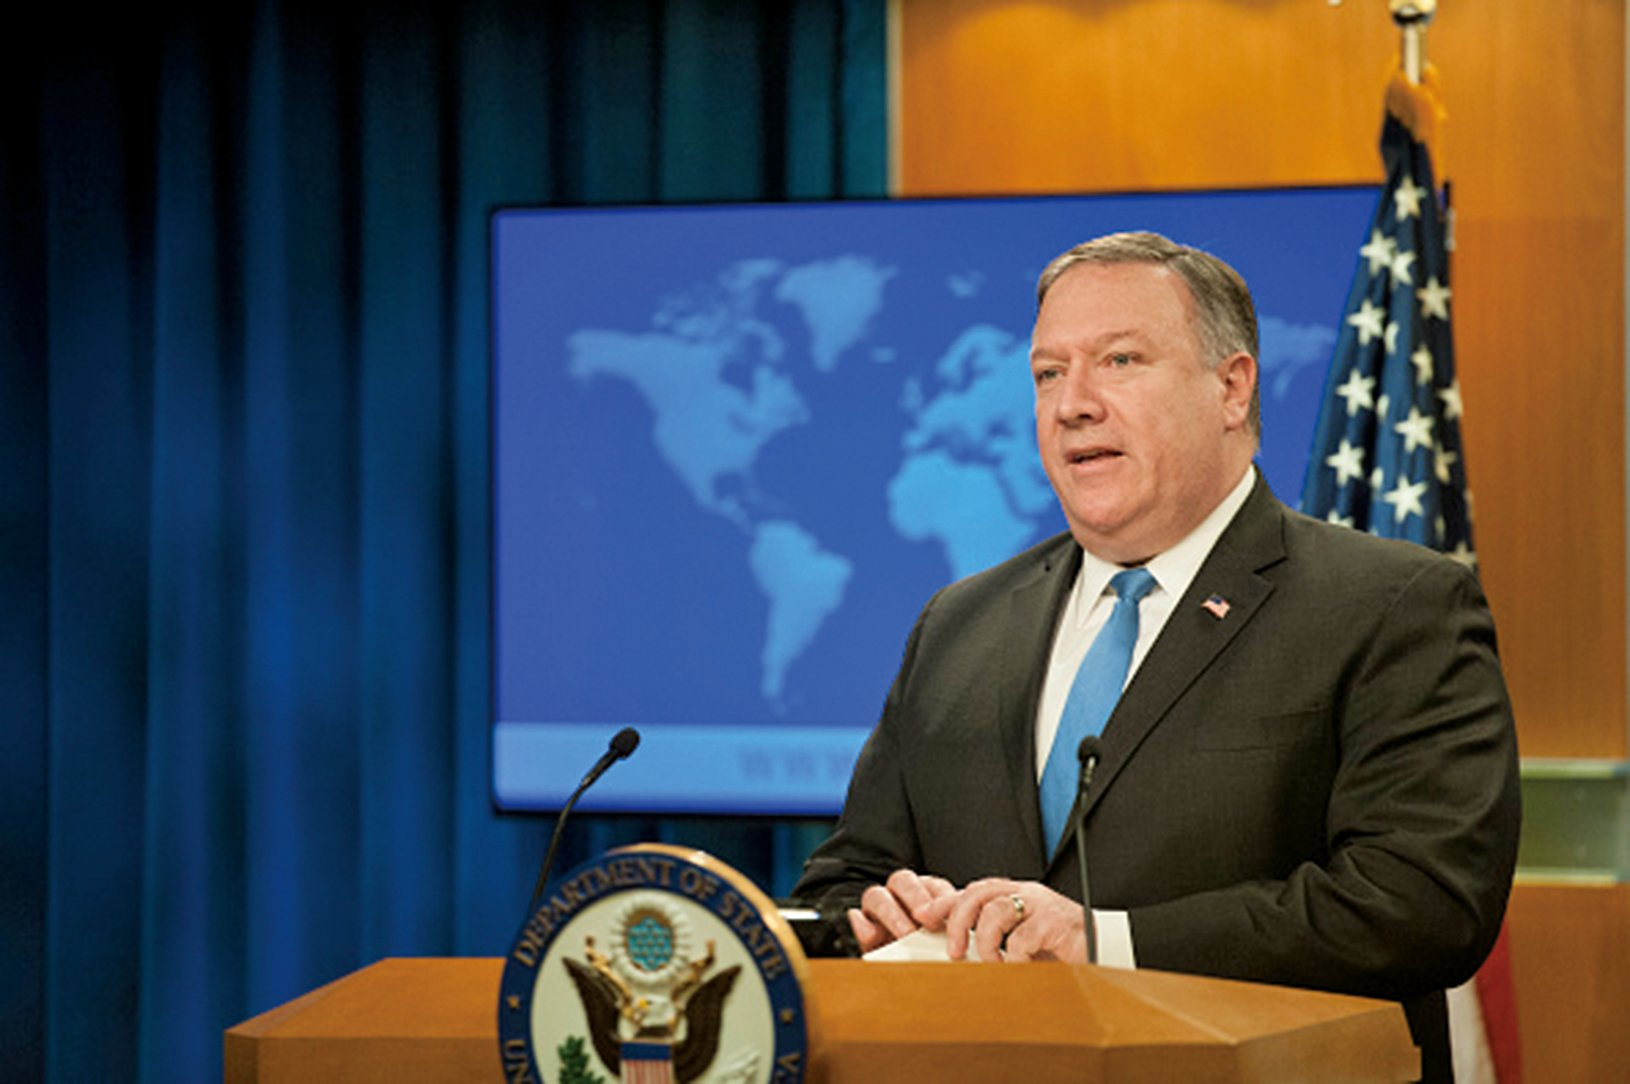 為回應國際法院要求美國放寬對伊朗制裁的判決,美國國務卿蓬佩奧宣佈退出與伊朗簽署的友好條約。(Getty Images)